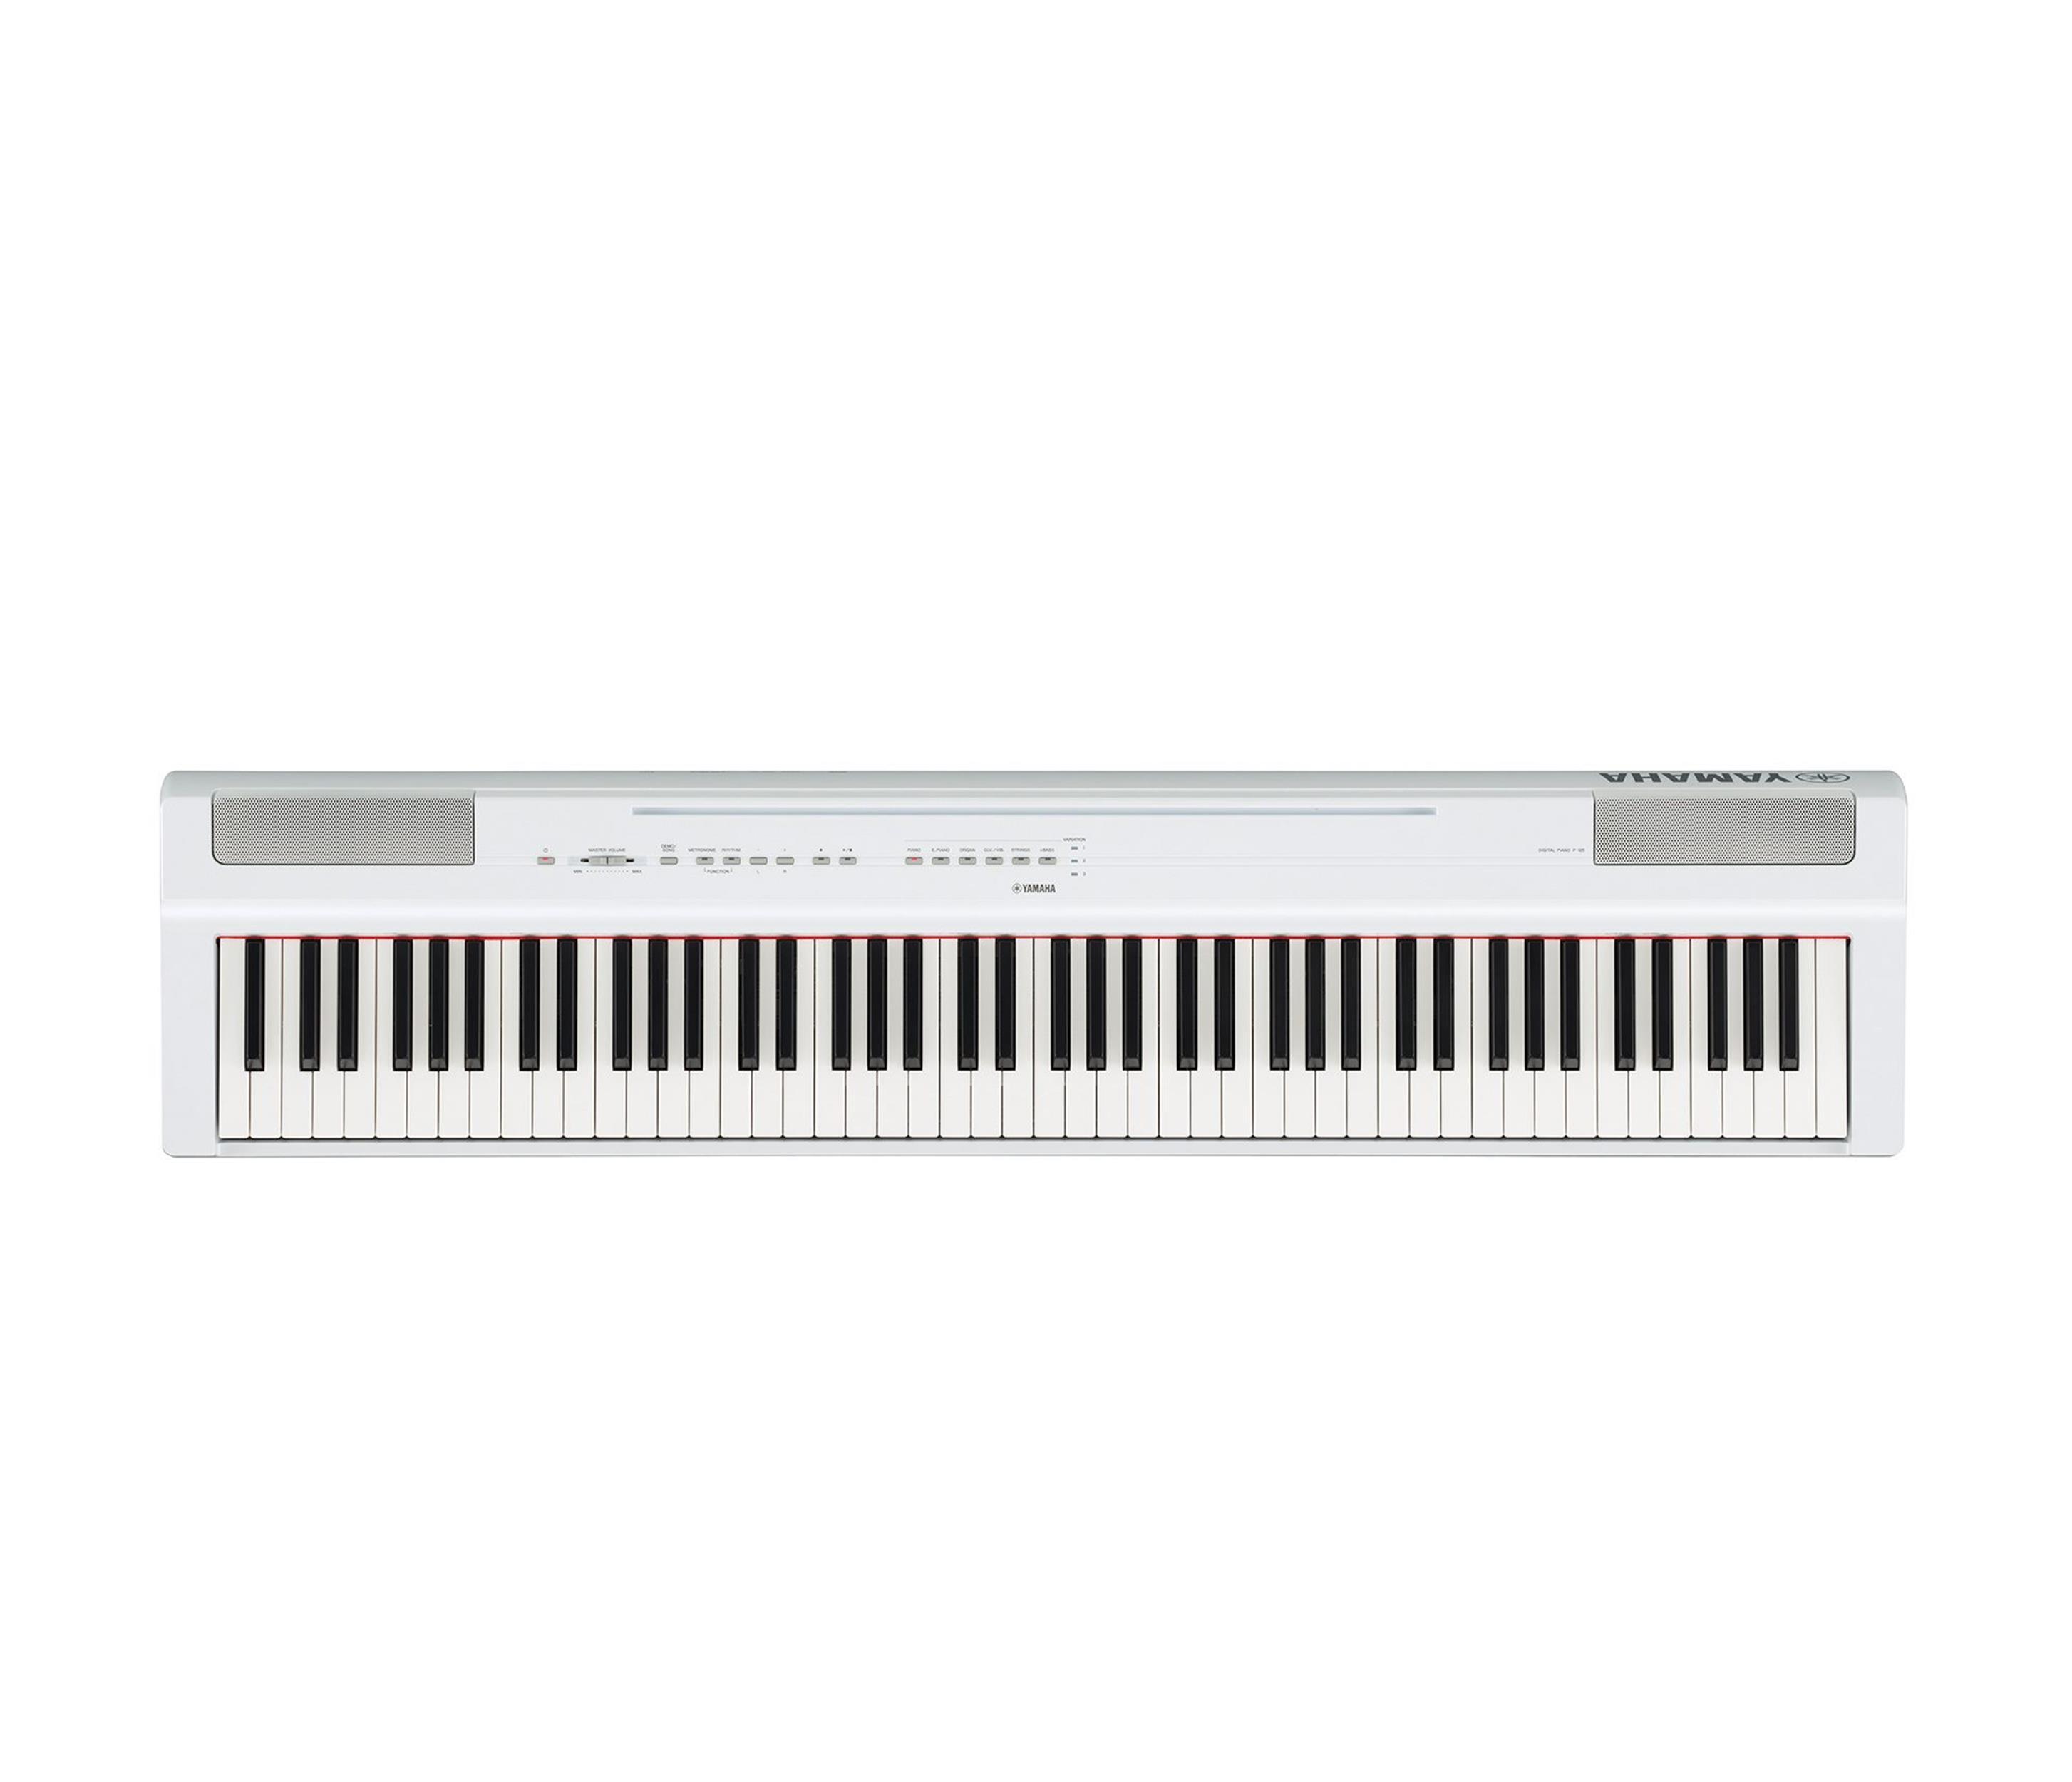 YAMAHA P125WH - DIGITAL PIANO WHITE